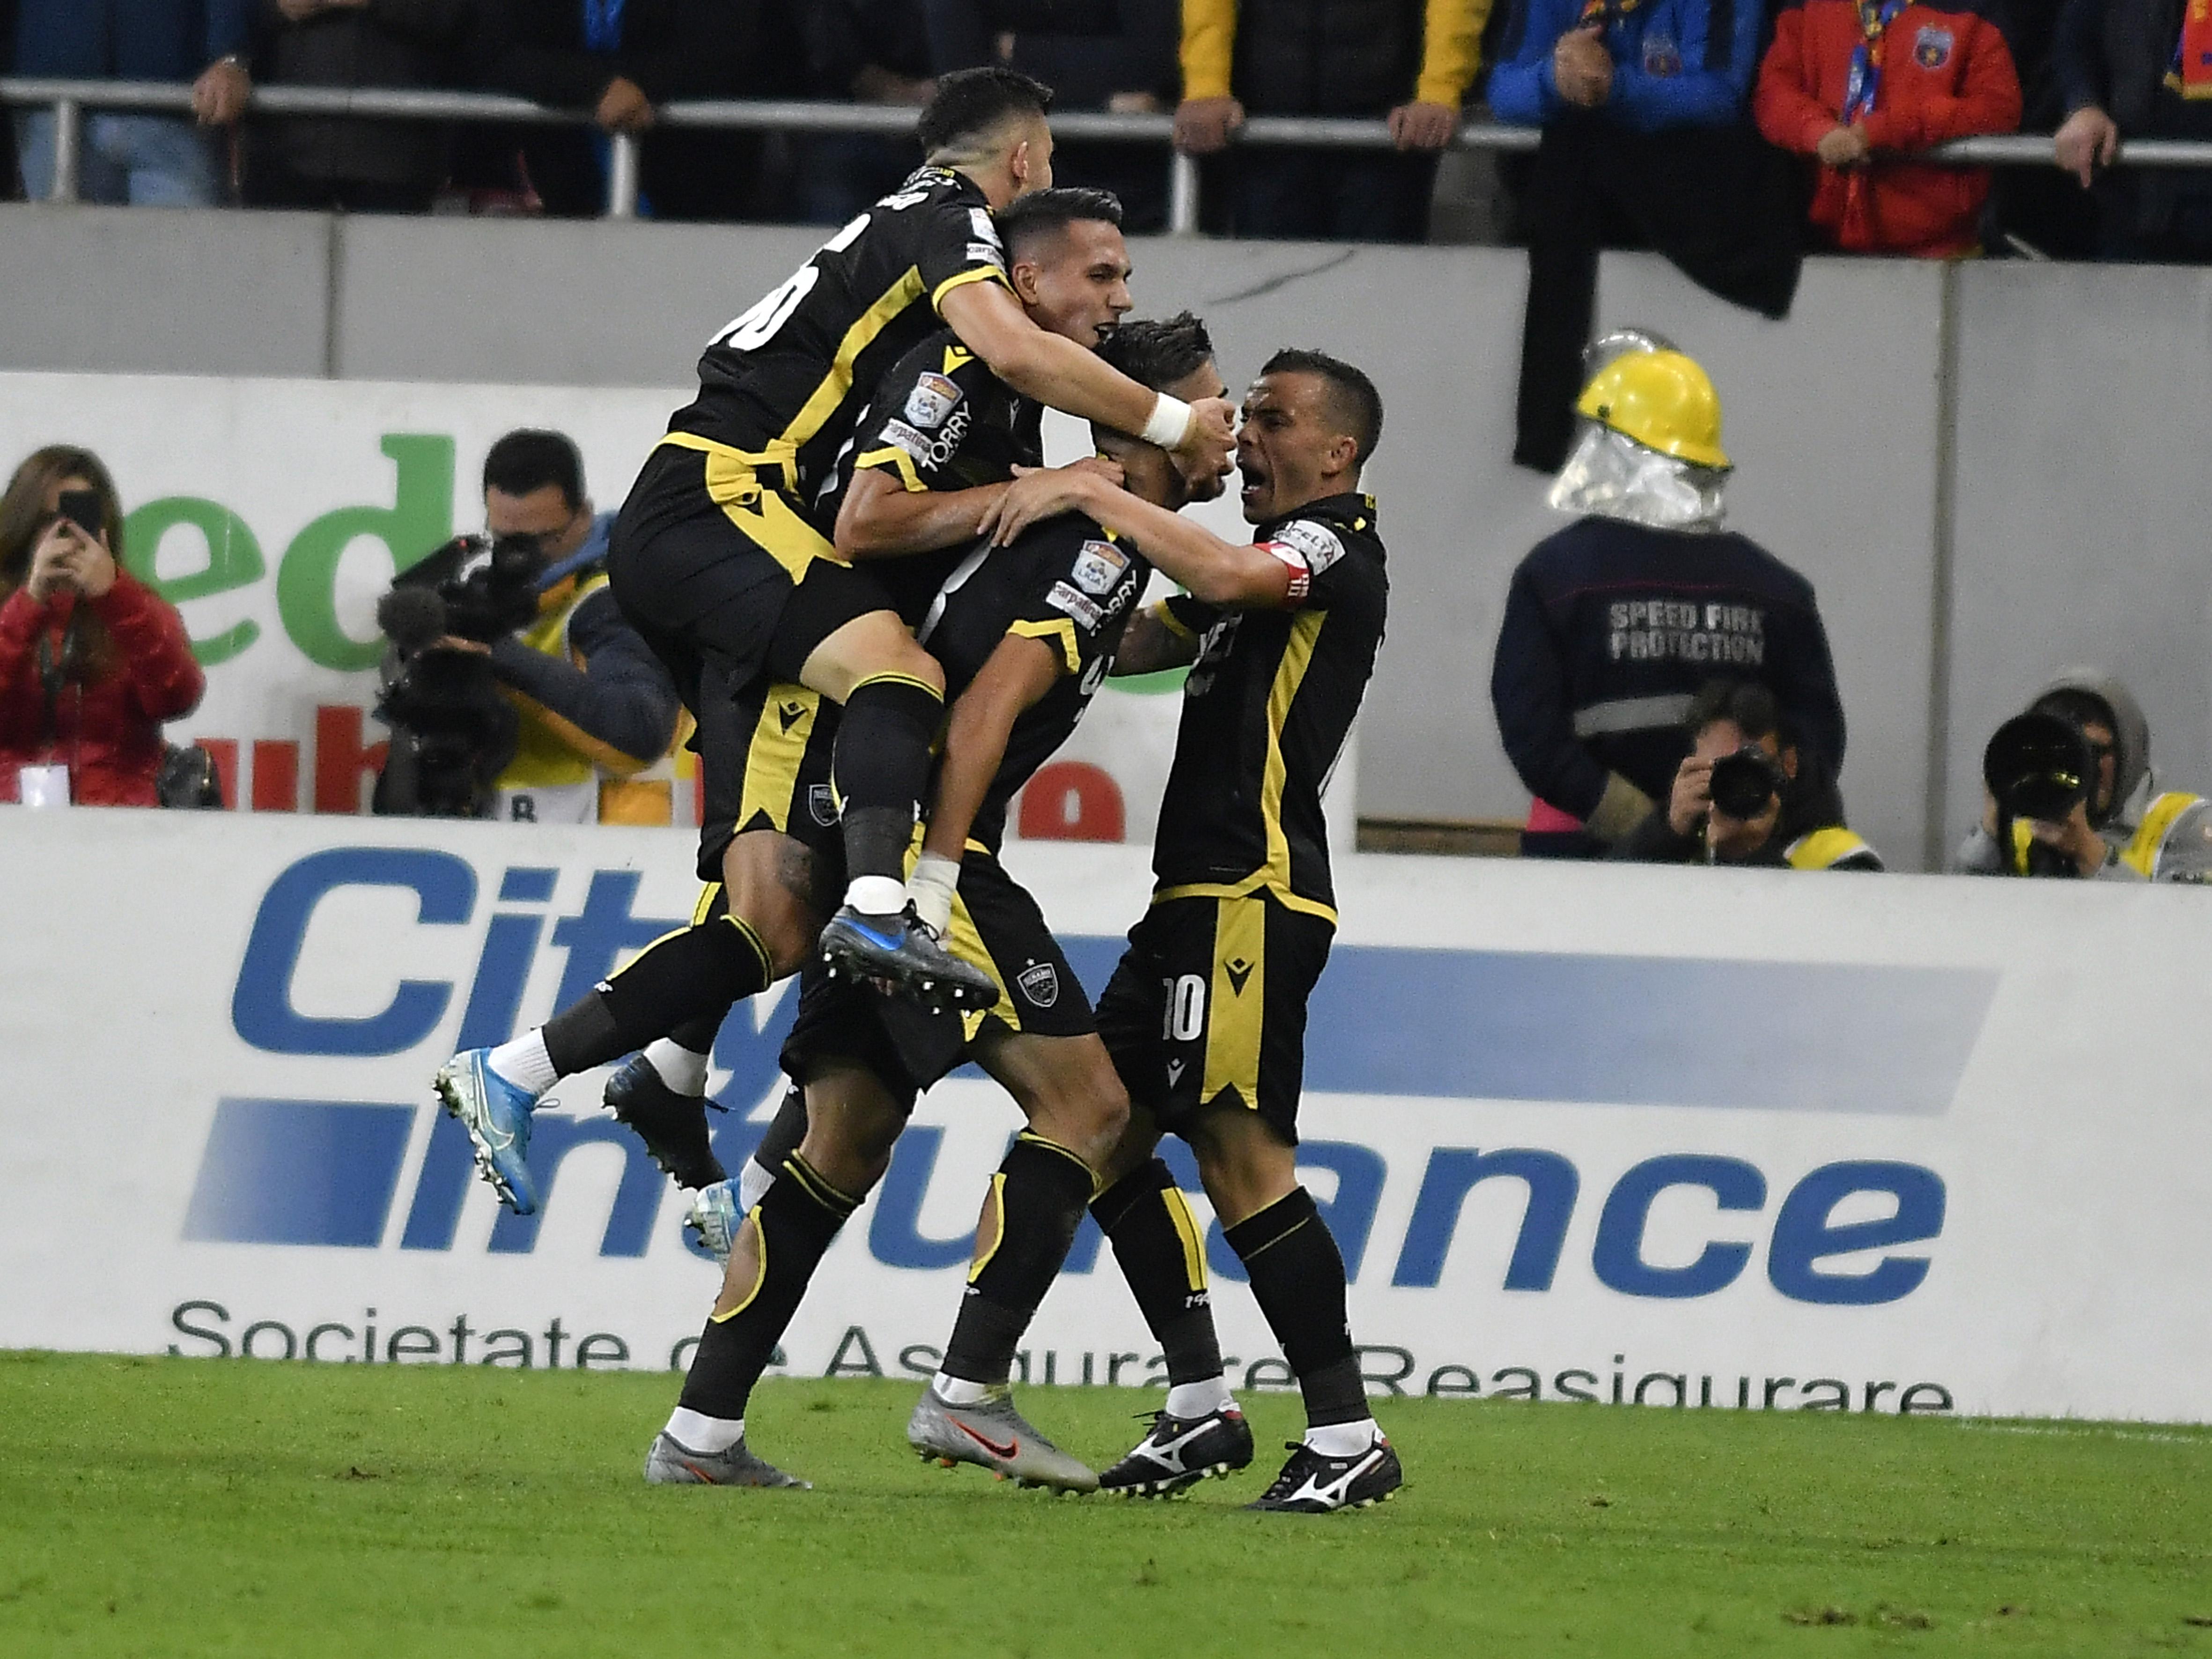 Bucuria jucătorilor de la Dinamo după golul înscris de Denis Ciobotariu în meciul FCSB - Dinamo, scor 1-1. Sursă foto: sportpictures.eu